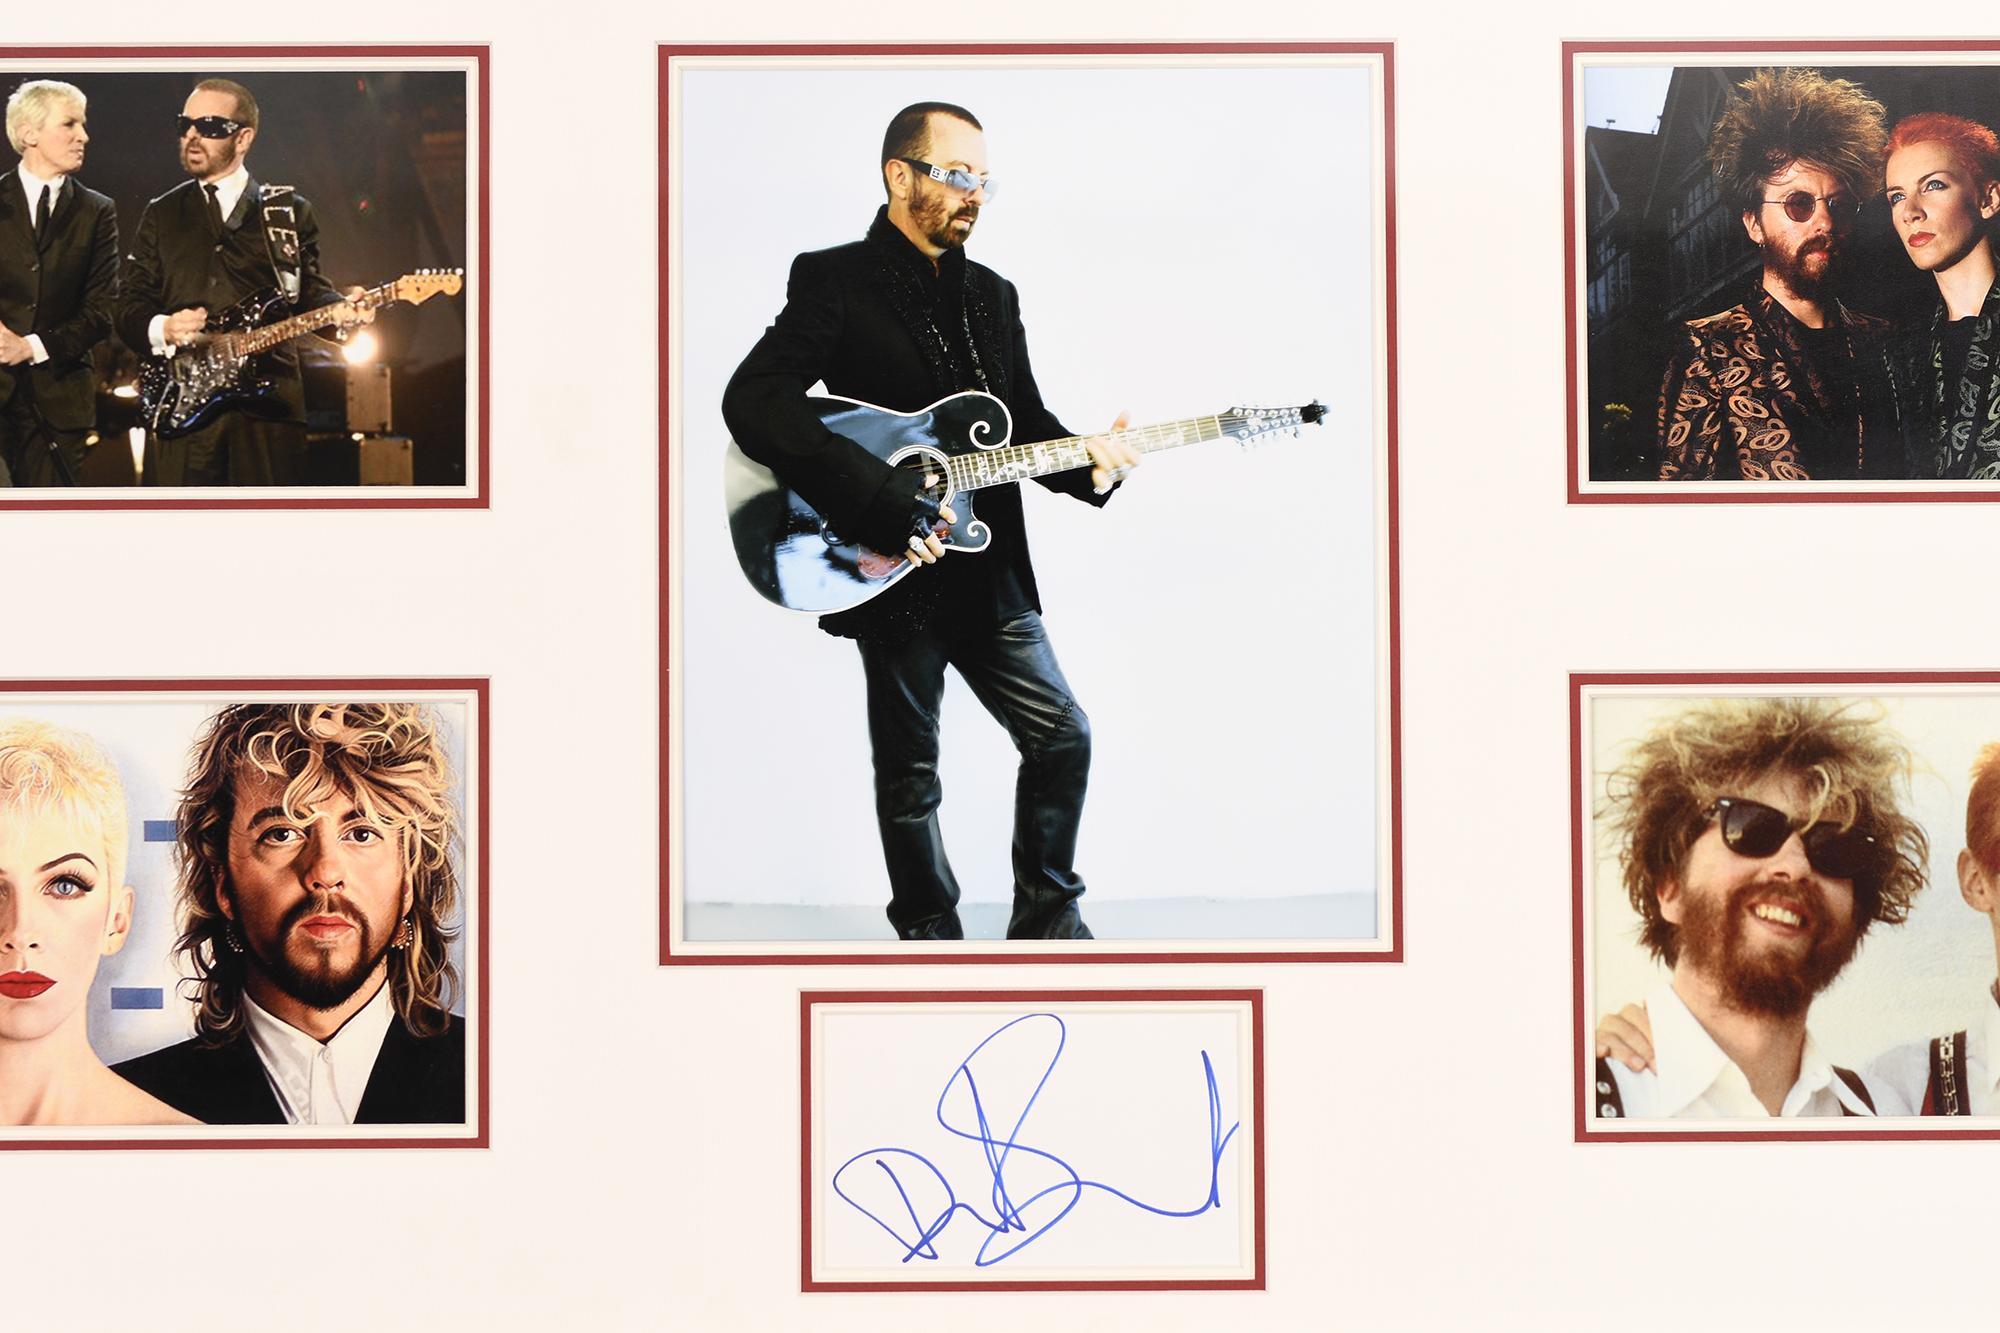 Dave Stewart Framed Signature Presentation - Image 2 of 4